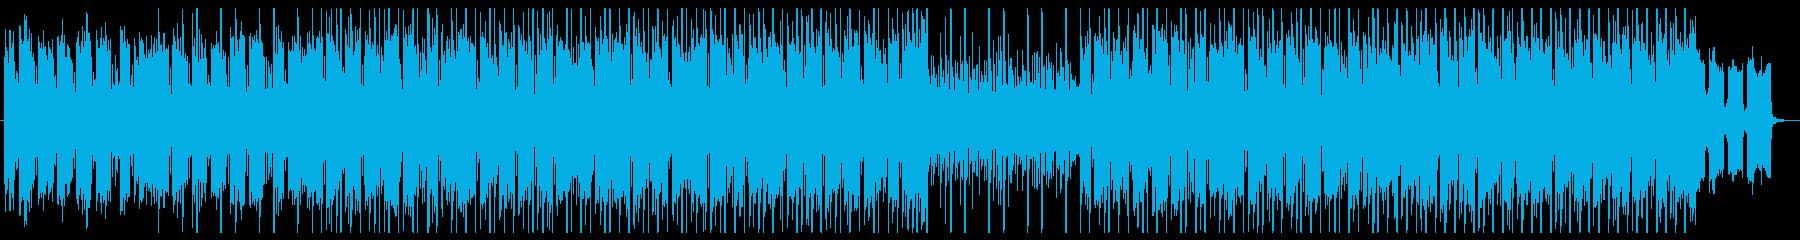 お洒落なVlogに最適なヒップホップ・Fの再生済みの波形